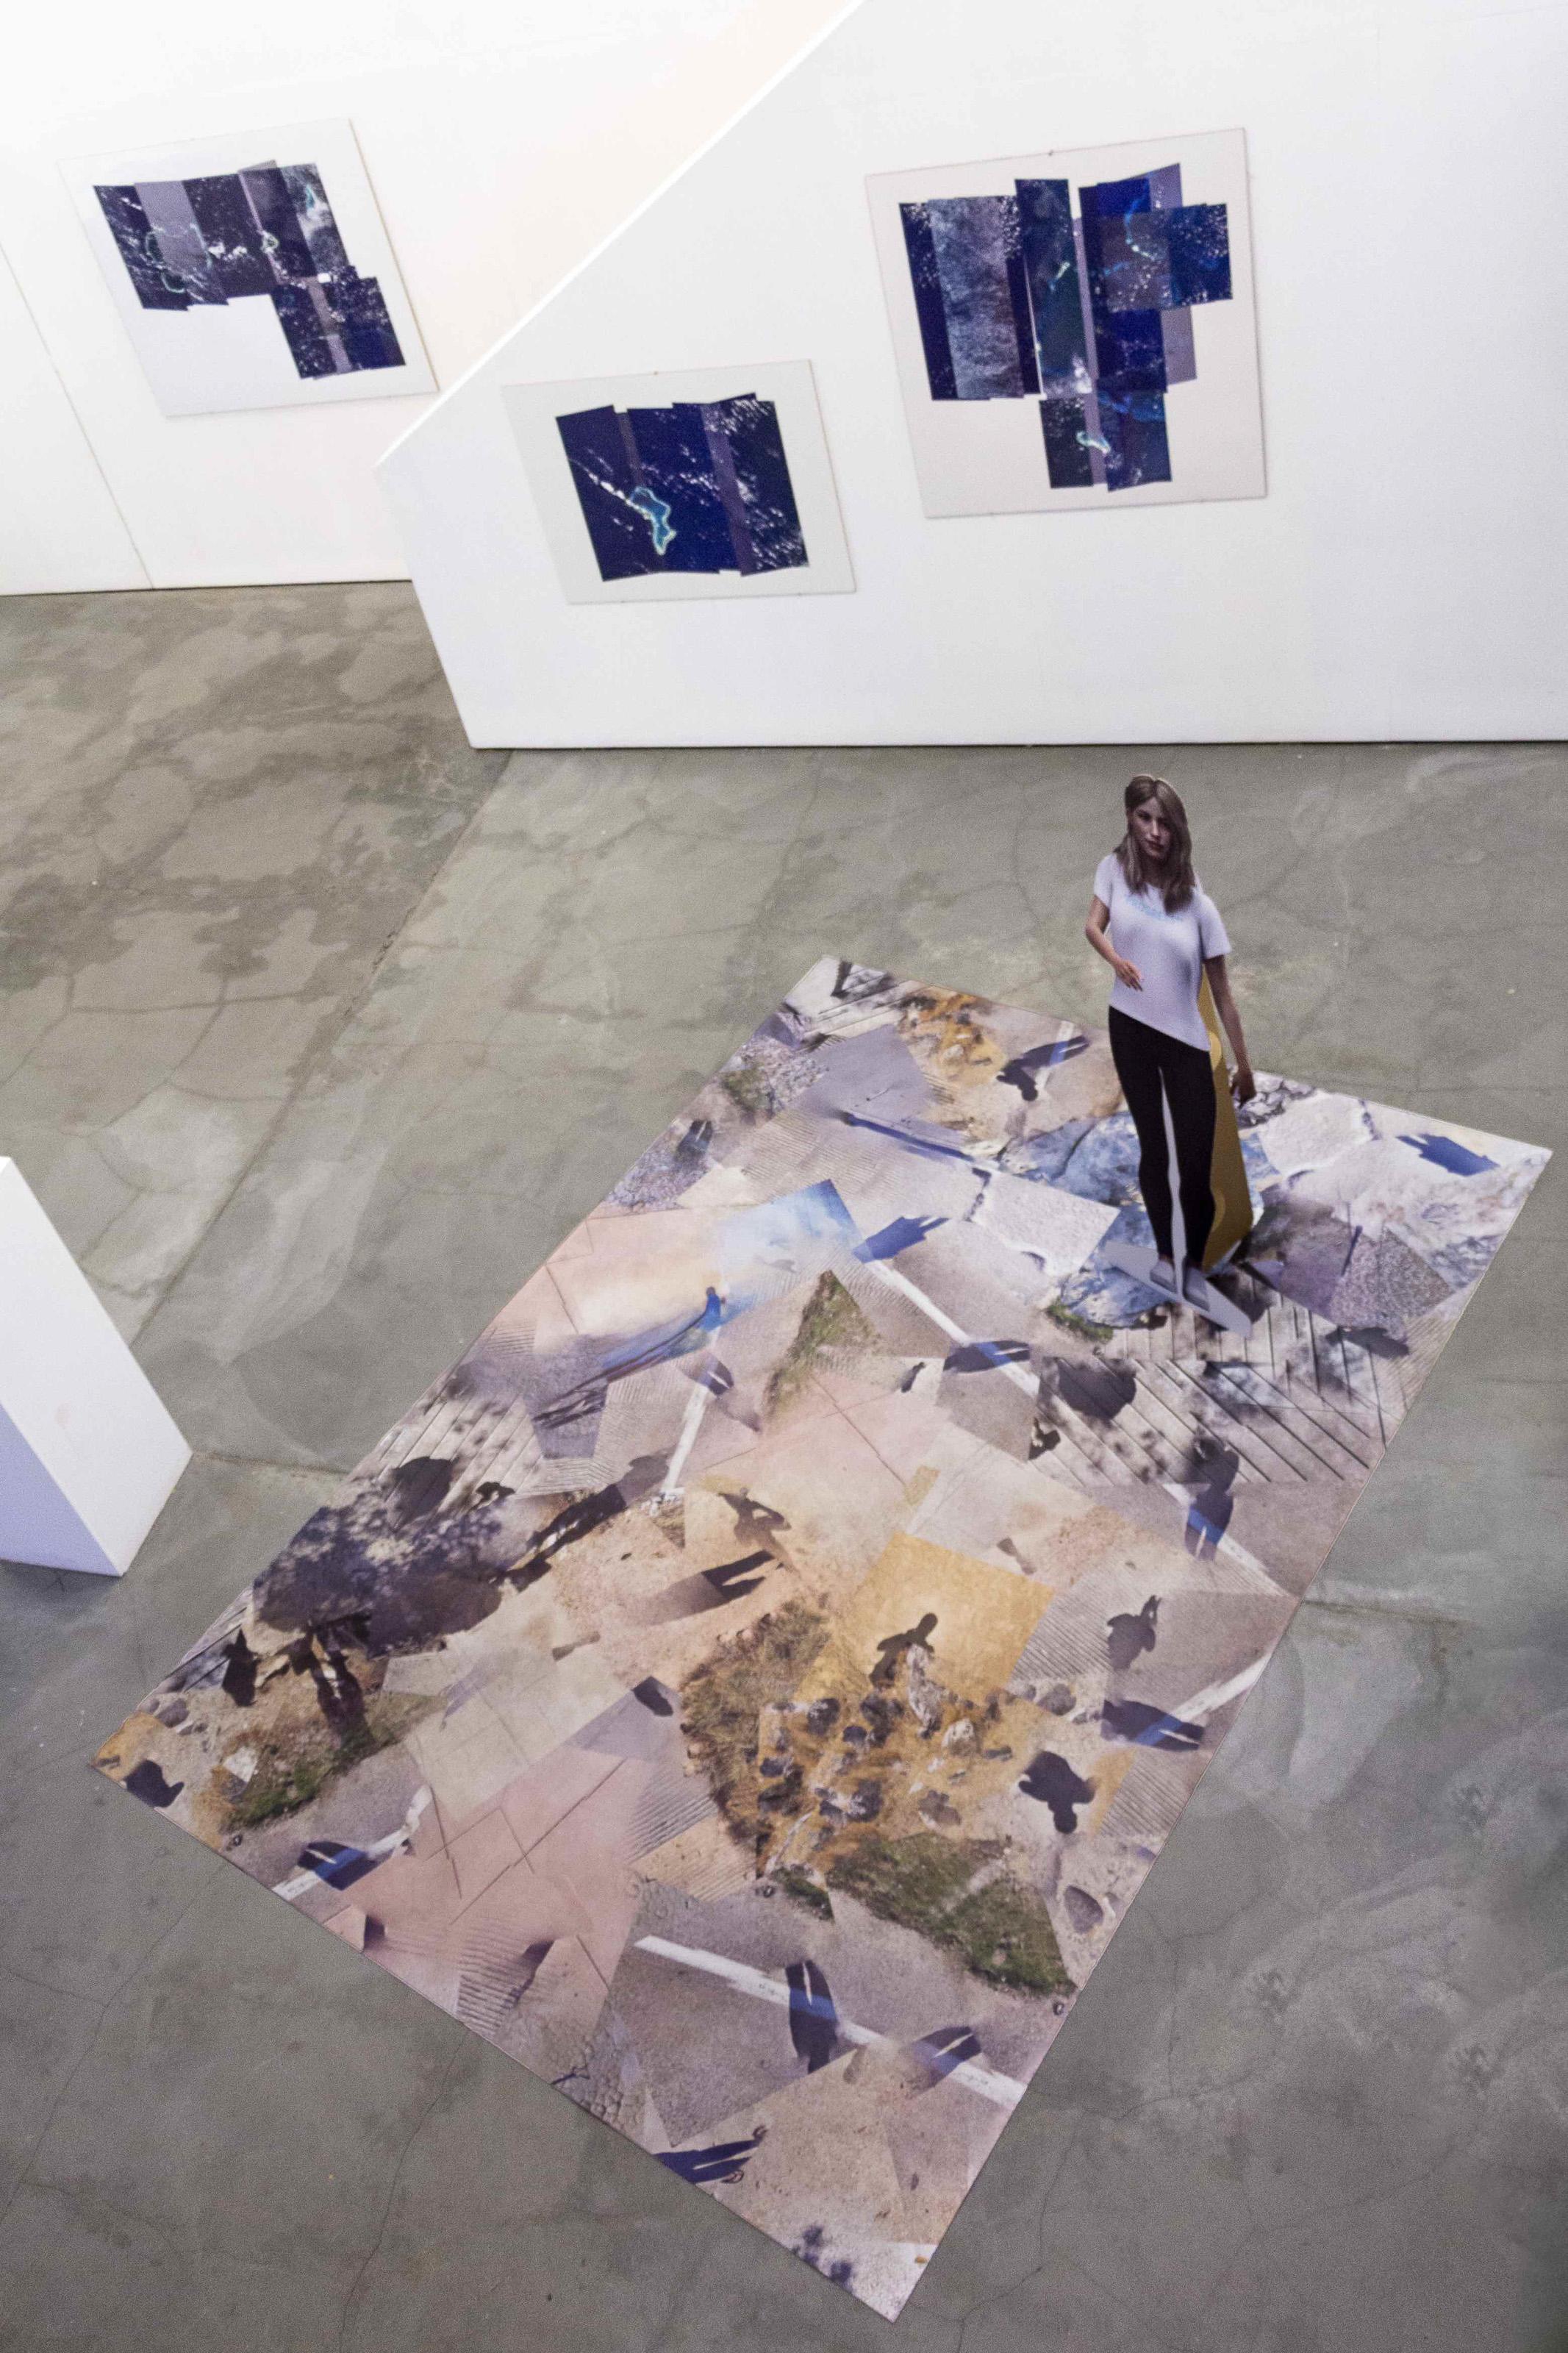 """Johanna Flato, """"DOMAIN ALPHA"""" installation view, Harlesden High Street, London, 2019 (photo courtesy of Johanna Flato)"""